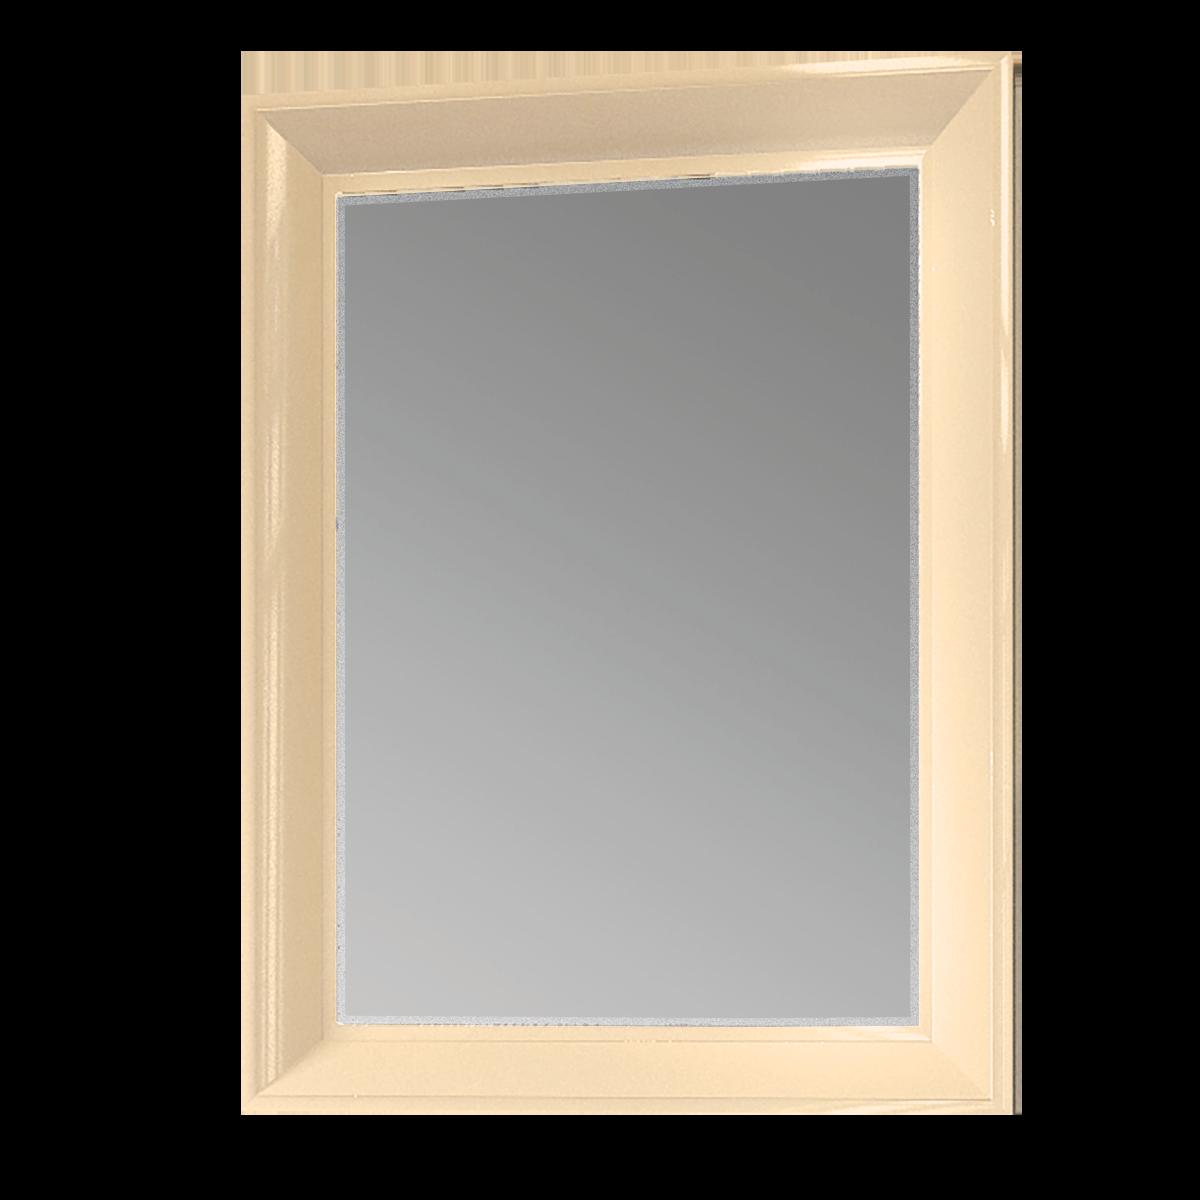 Зеркало Delice 65*85 Vanilla - купить в Чебоксарах по цене 12 710 Р в интернет-магазине Marka